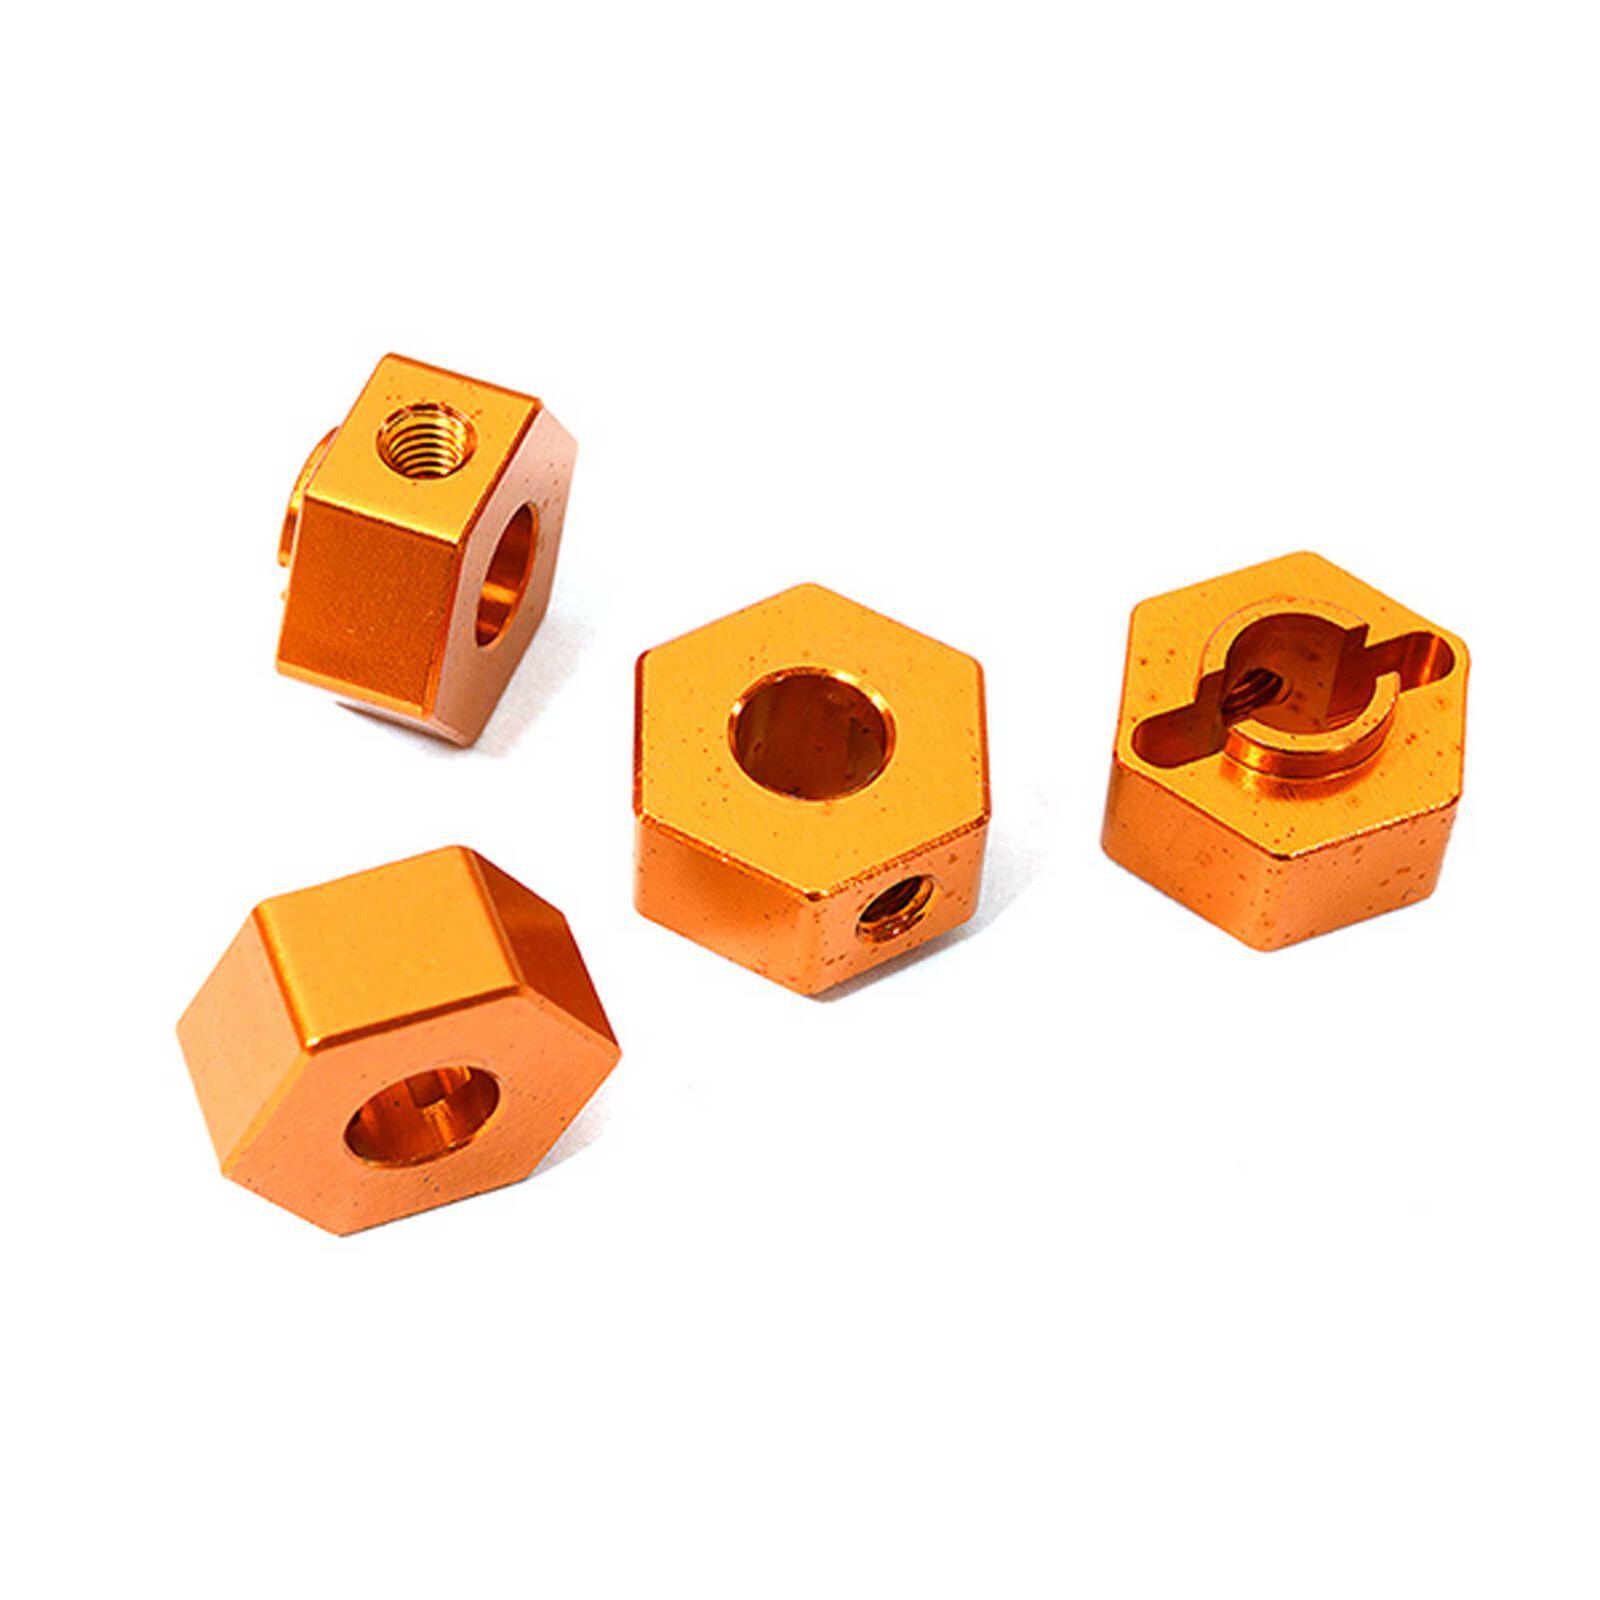 Wheel Hex, Orange (4): ARRMA 1/10 GRANITE Voltage